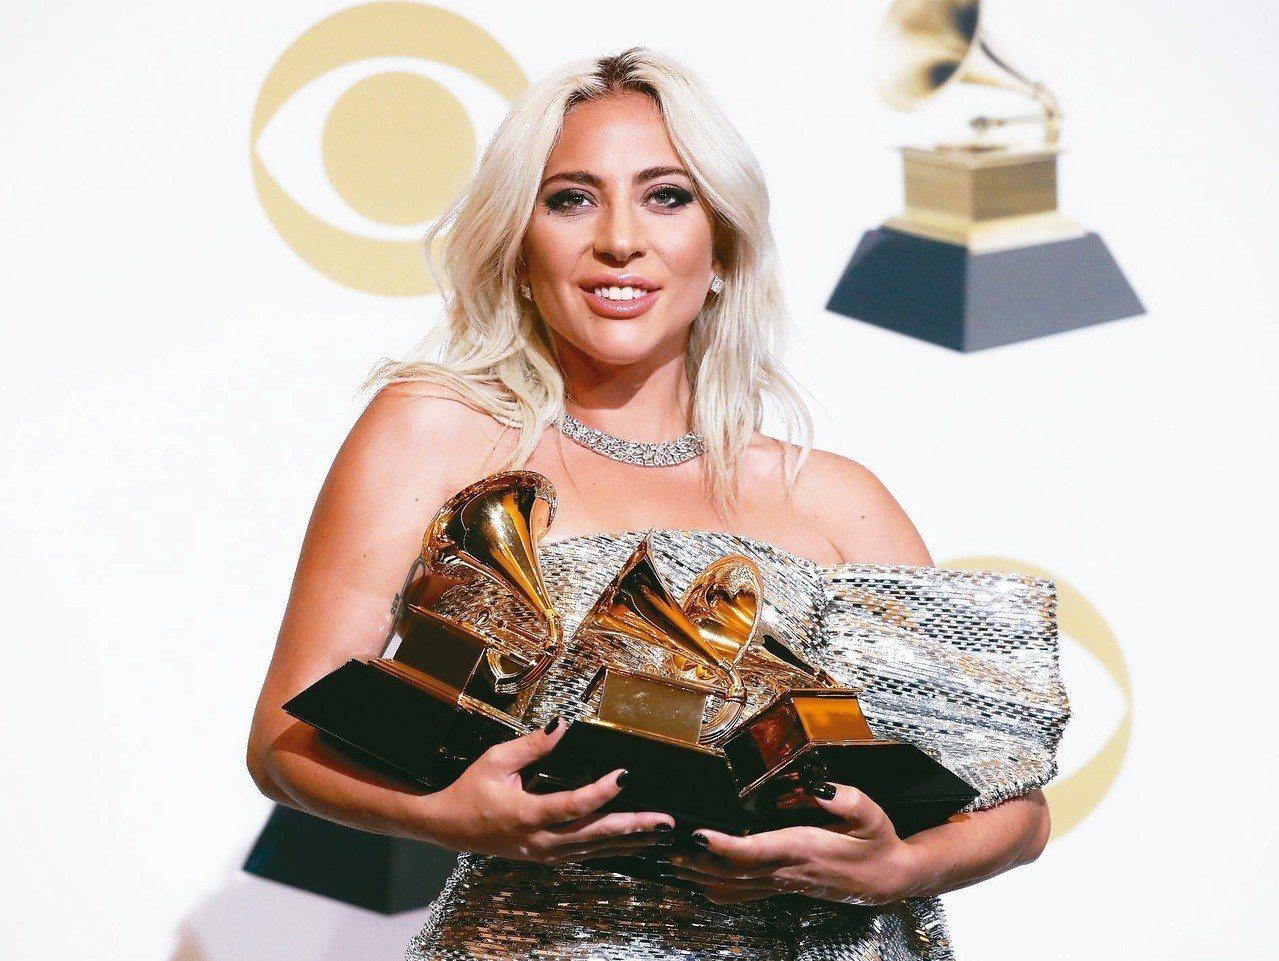 女神卡卡勇奪2019年葛萊美獎最佳流行歌手等3項大獎。(圖/聯合報系新聞資料庫)